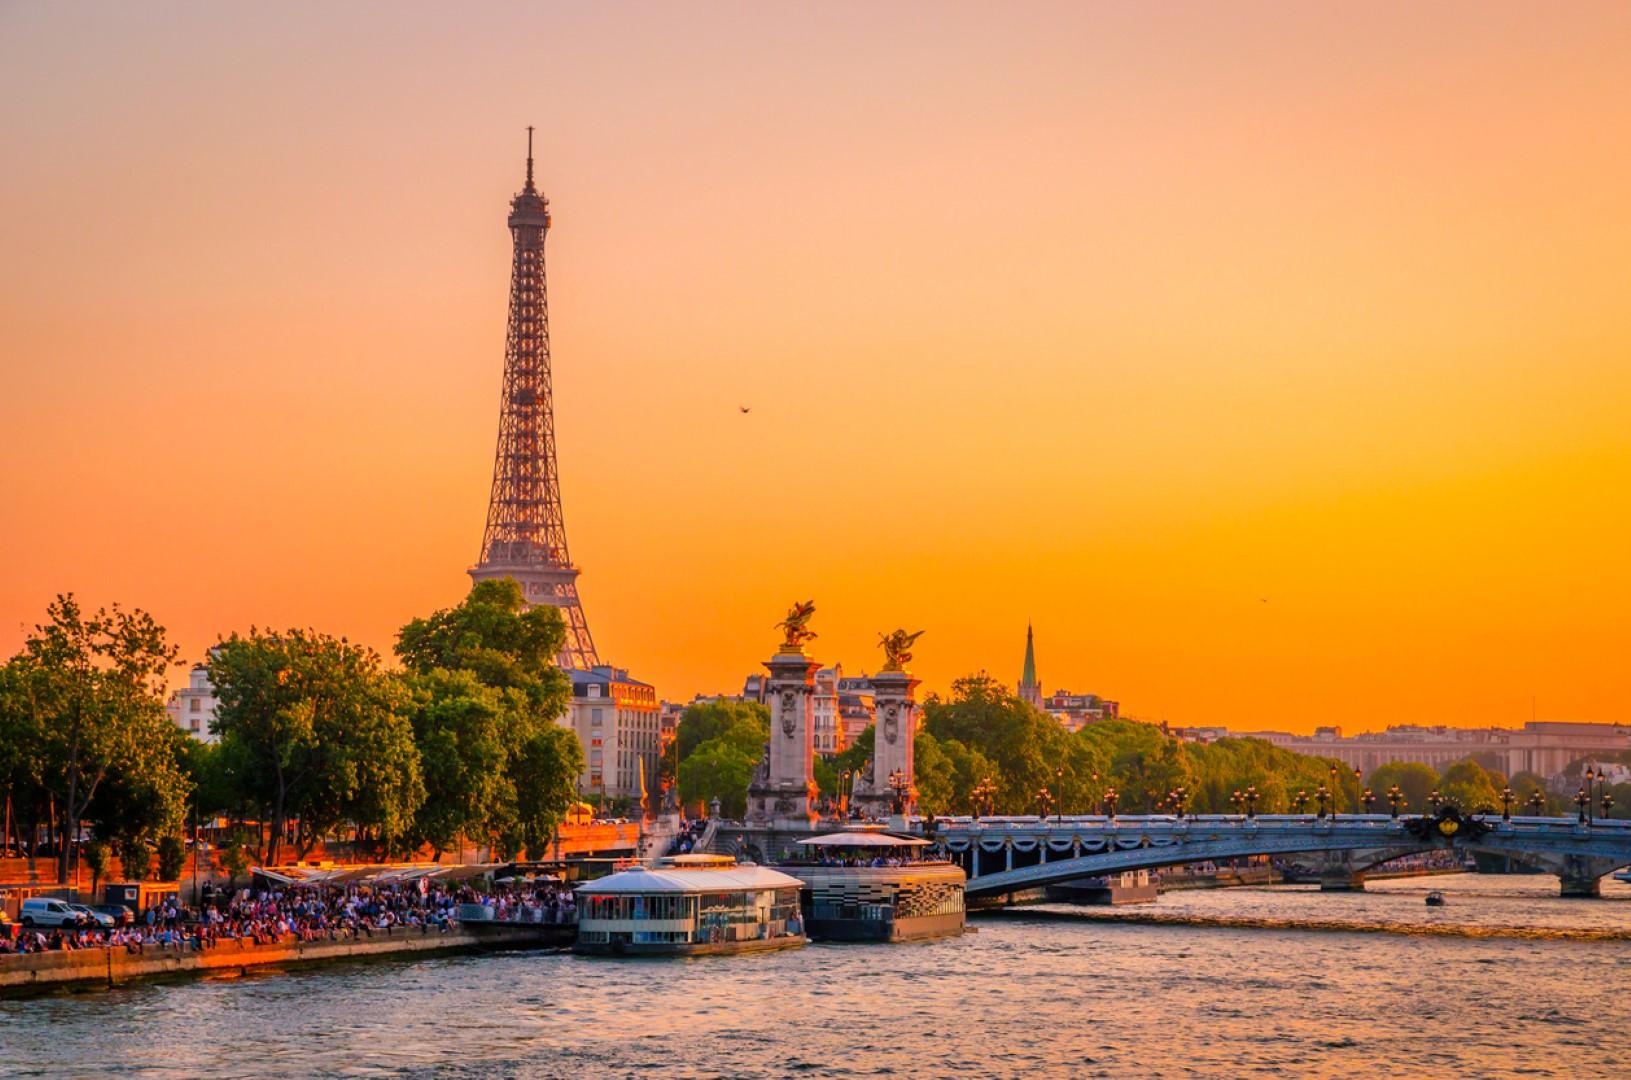 През 2020 г.: Париж прие 33 милиона туристи по-малко